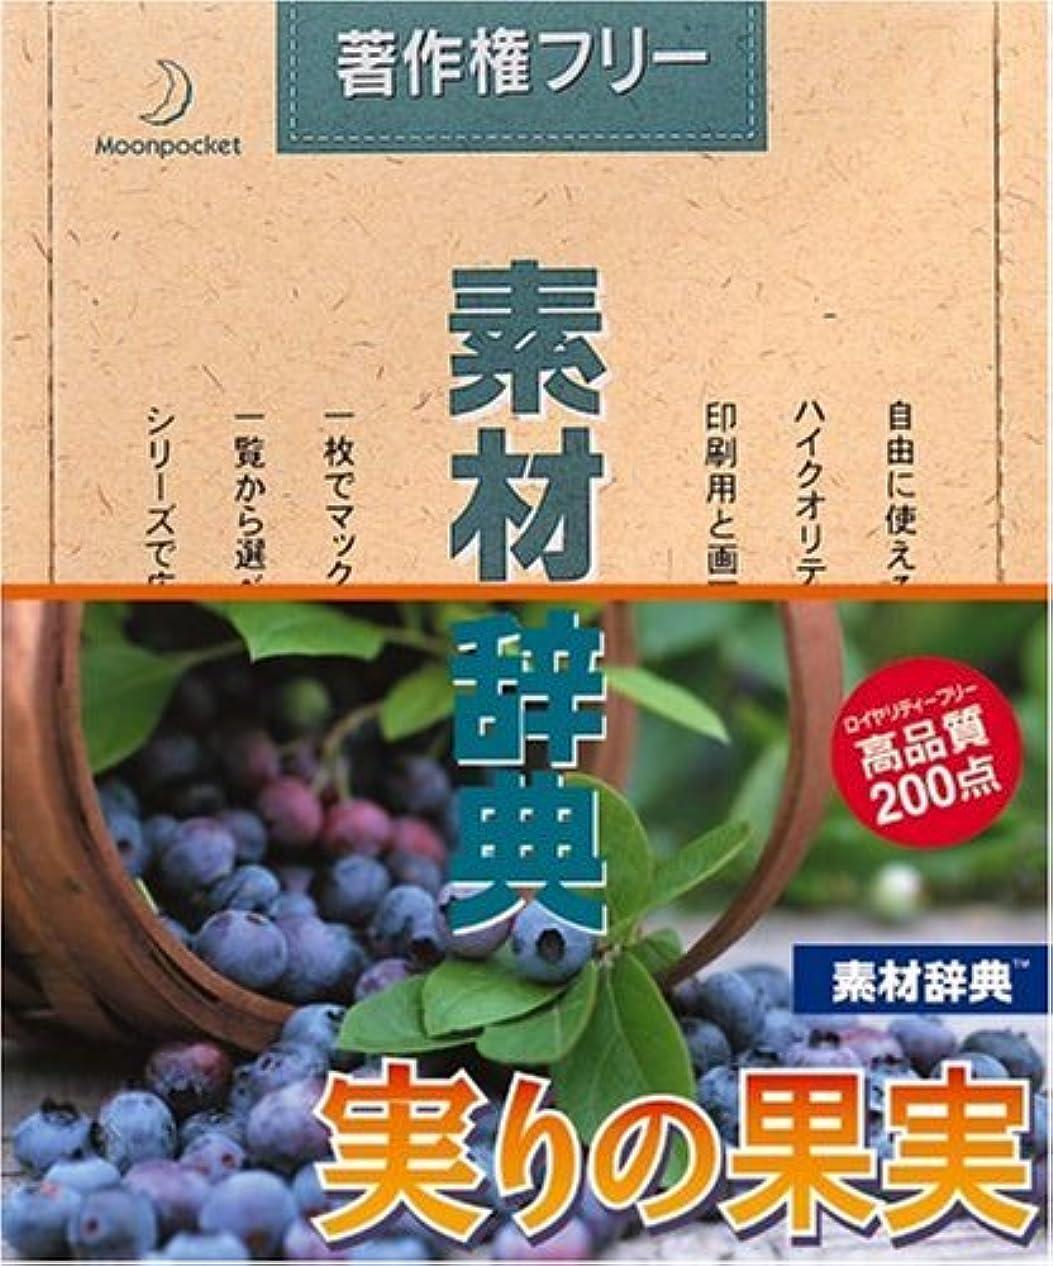 変わる立方体篭素材辞典 Vol.92 実りの果実編